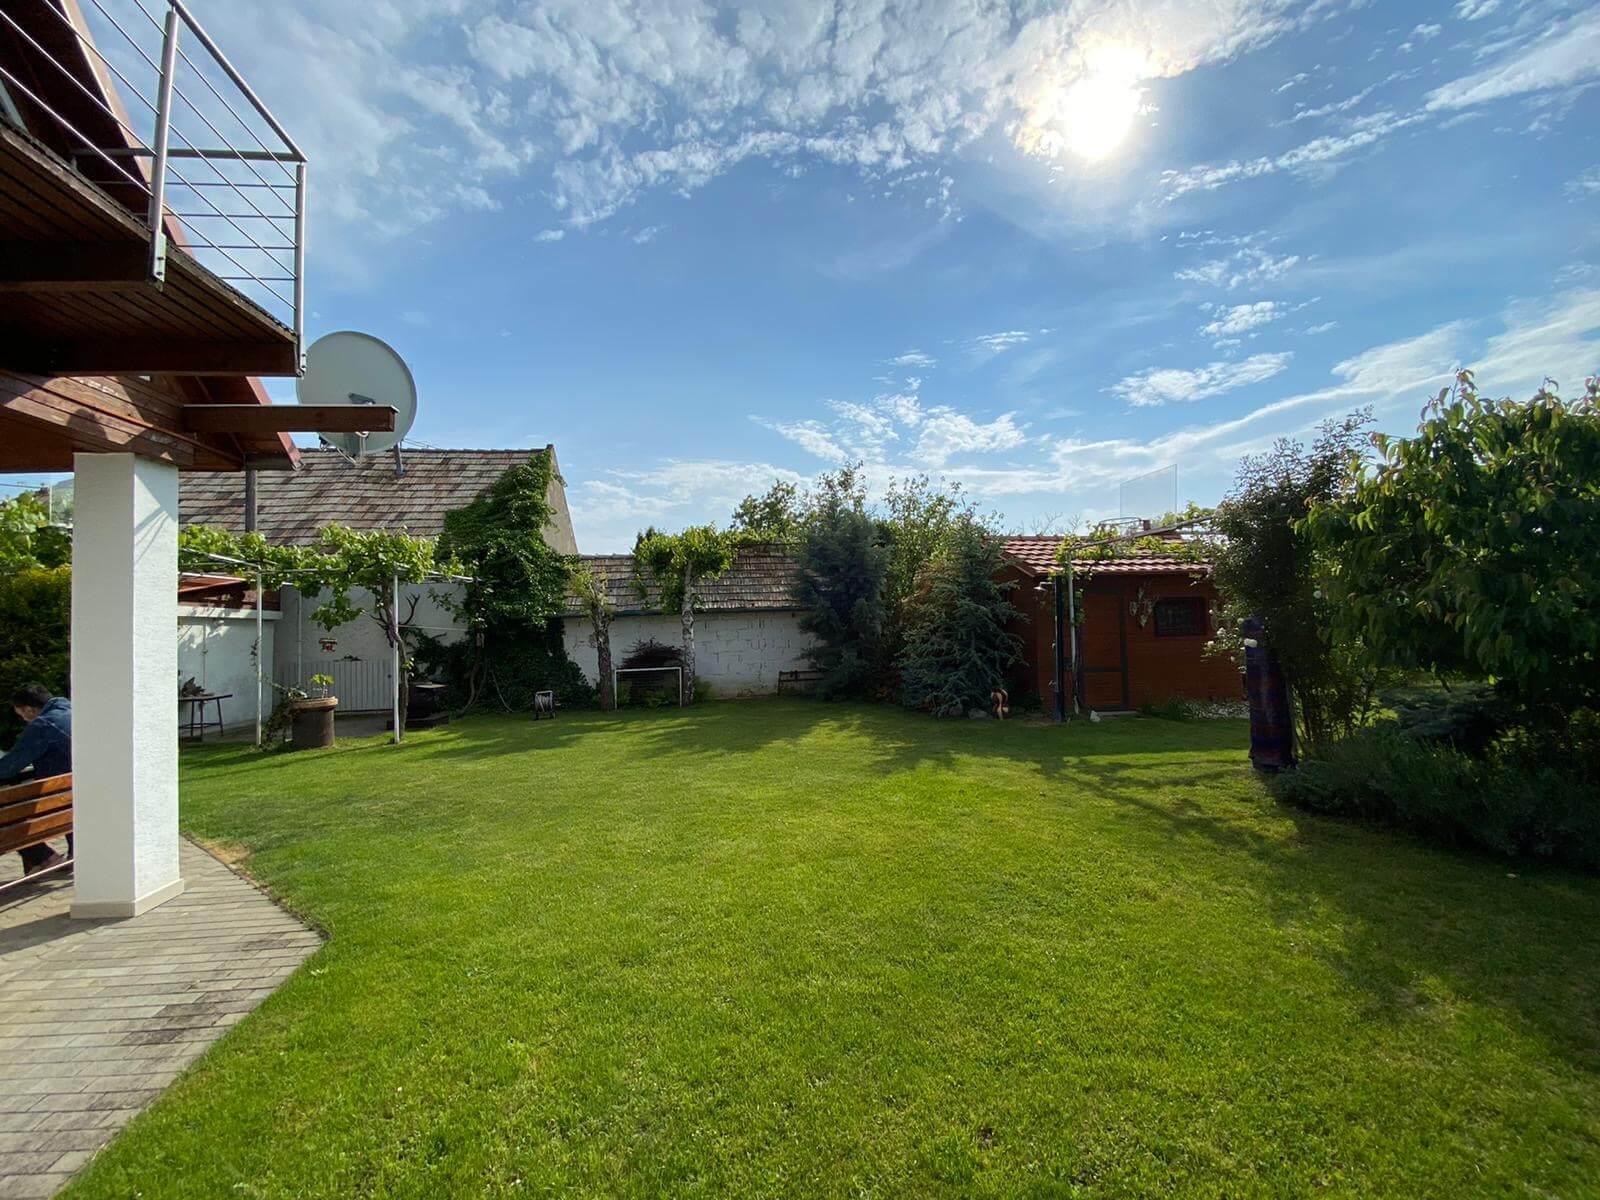 Predané: Predaj Rodinný dom v Šoporni, v tichej lokalite, pozemok 674m2, úžitková plocha 181m2,záhrada, kôlňa-3